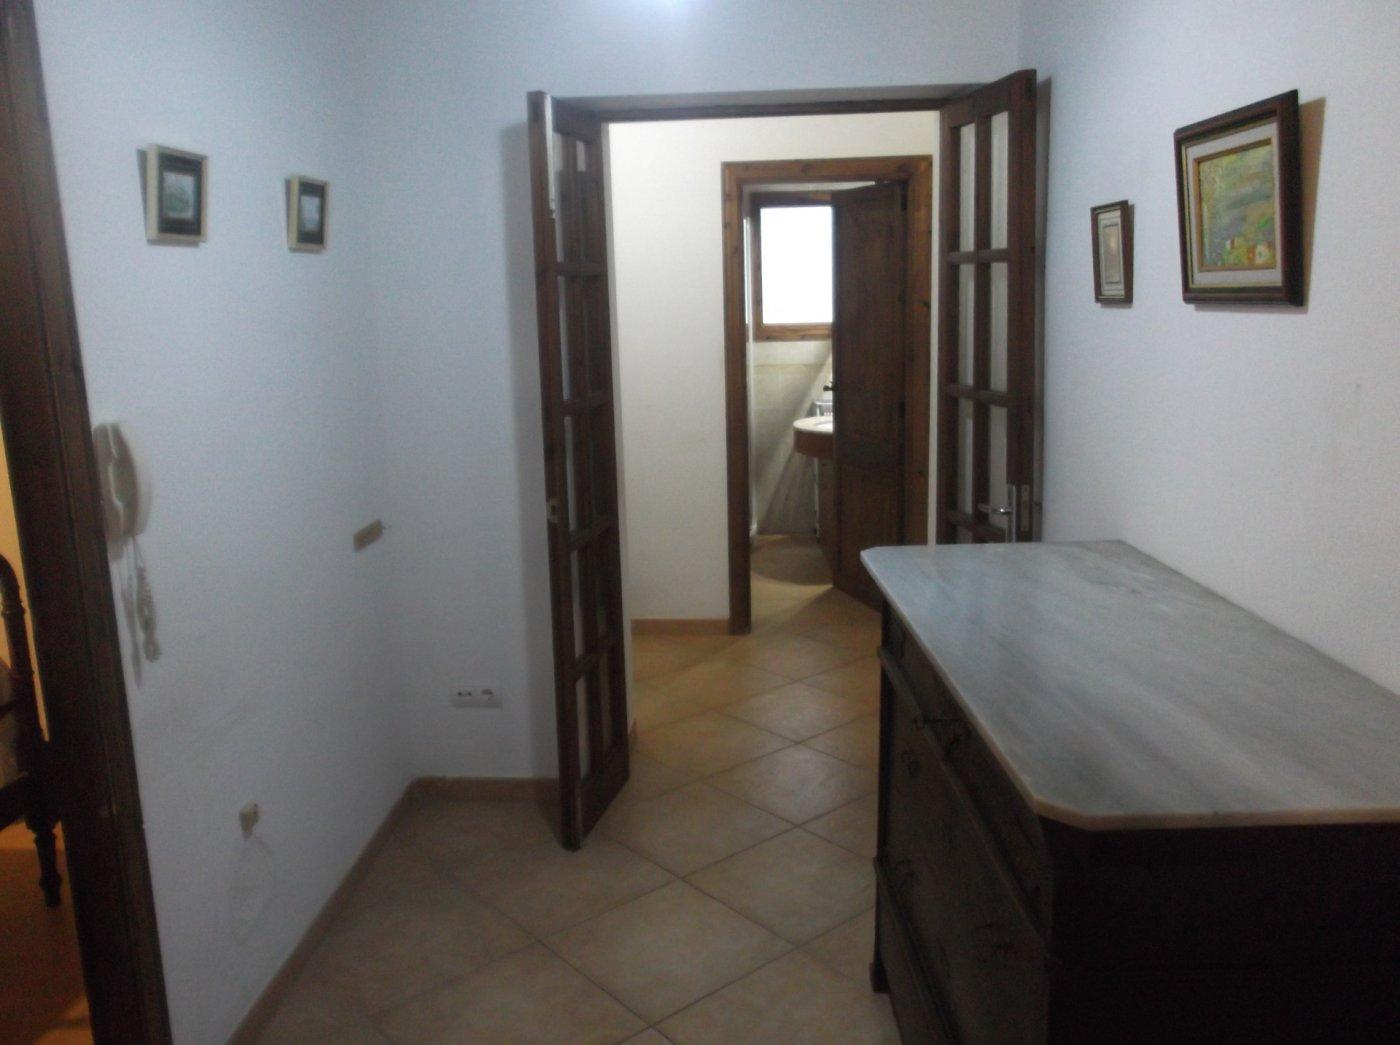 En venta casa de pueblo reformada 3 alturas estilo mallorquin centro llucmajor - imagenInmueble16